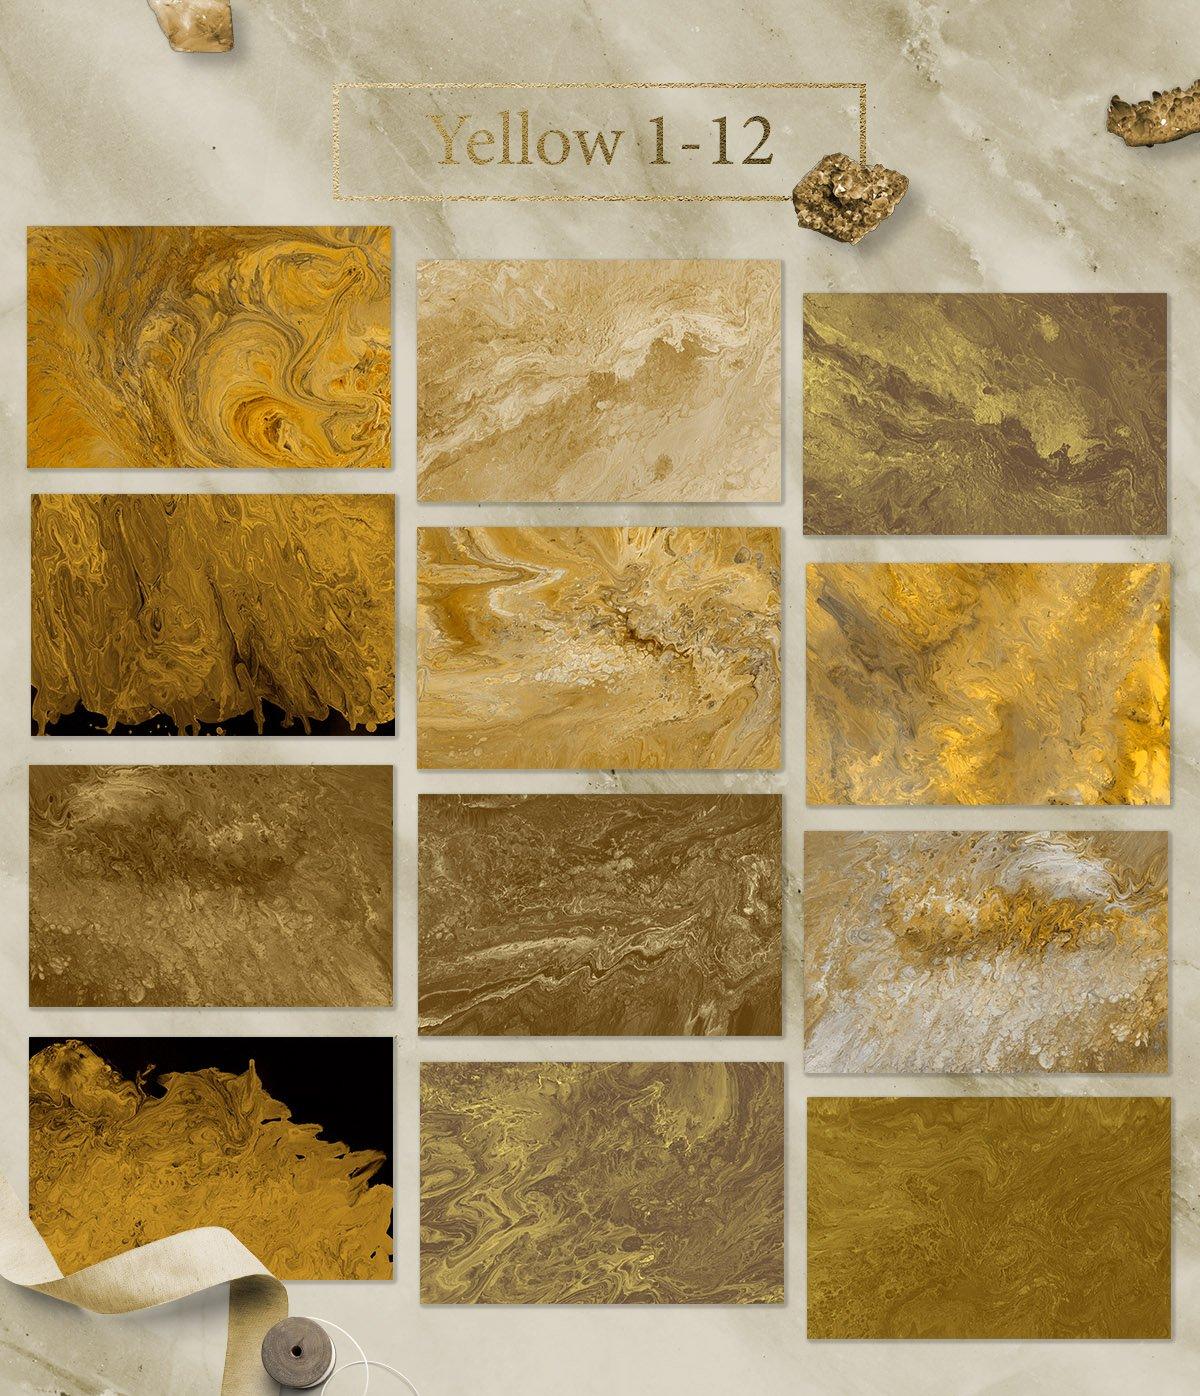 108款抽象手绘流体液体丙烯酸&大理石背景纹理 108 Flow Liquid Textures插图(6)